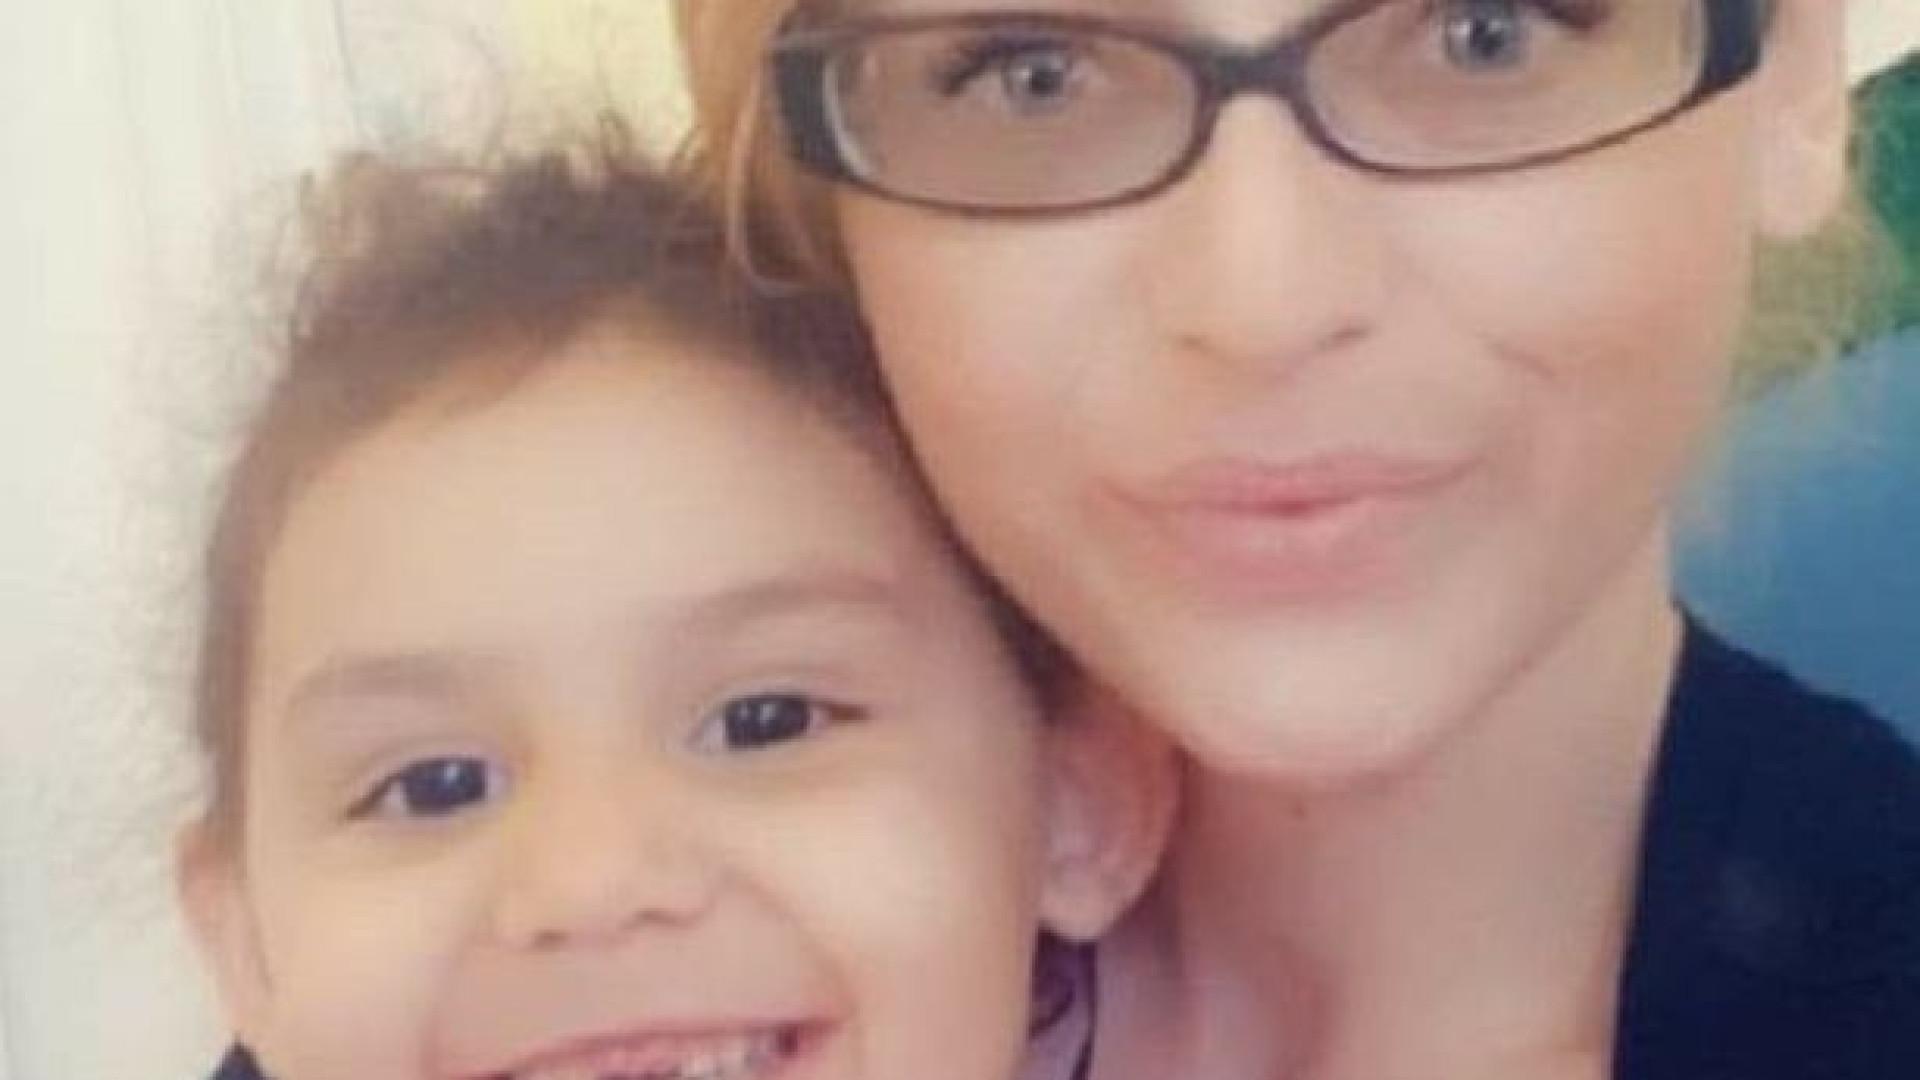 Criança contraiu sepsis no pé durante ida às compras com a mãe